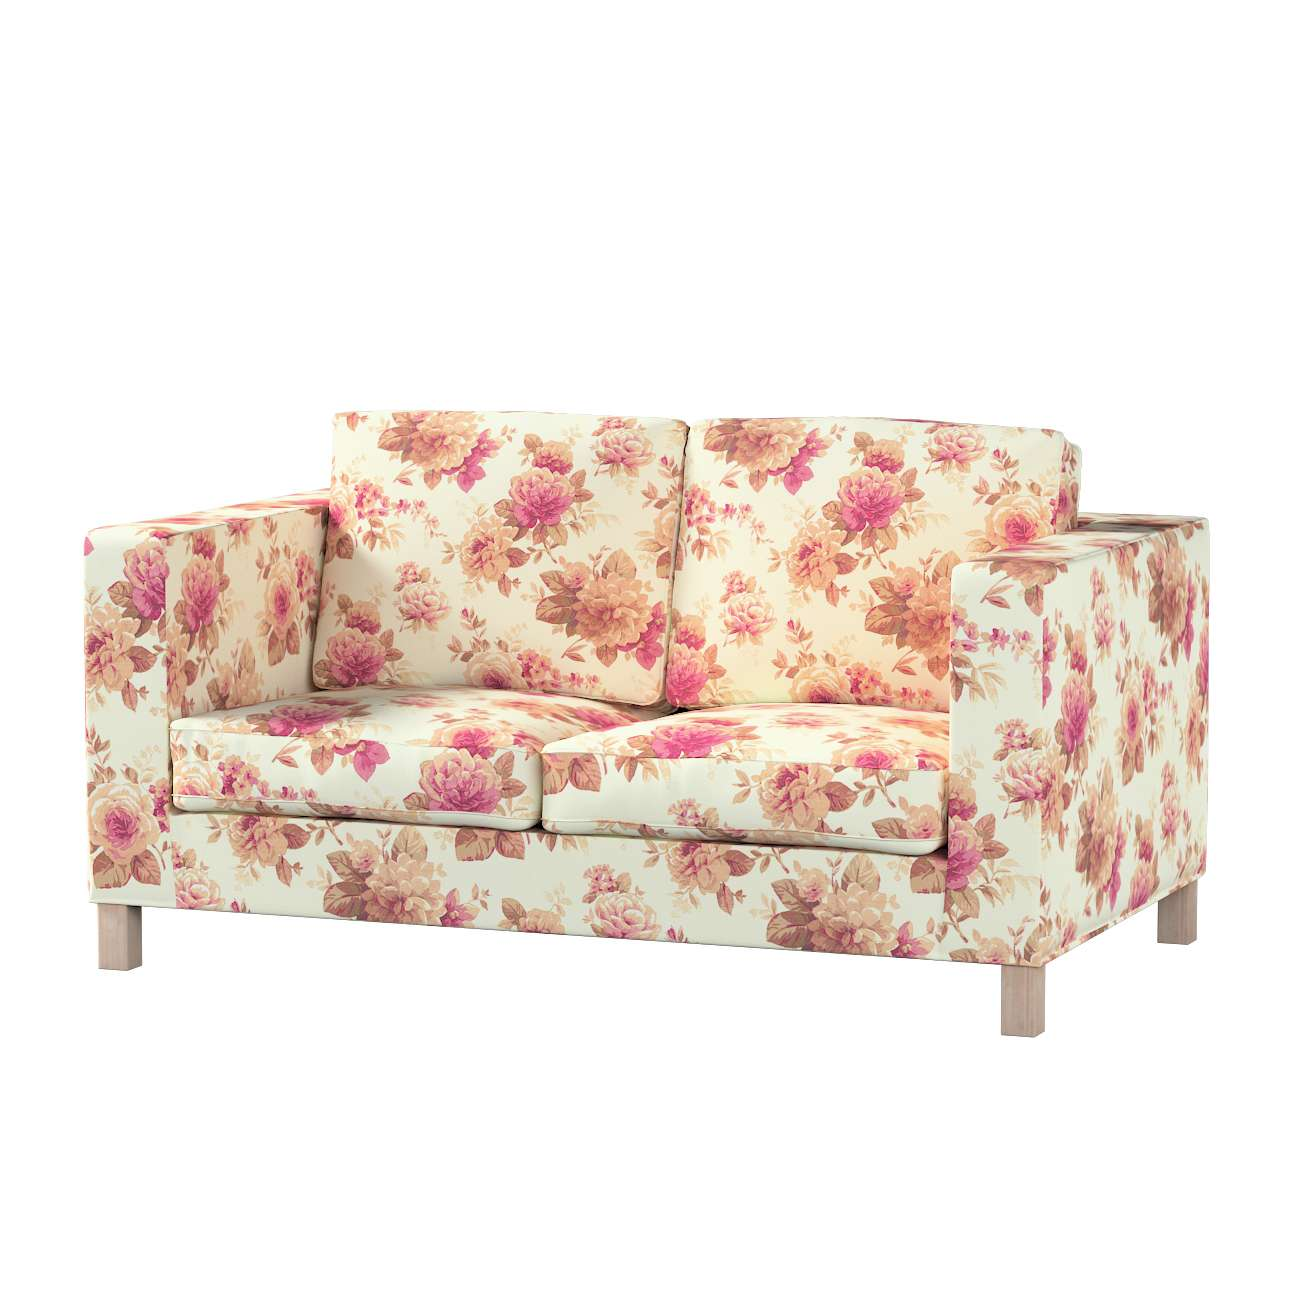 Karlanda klädsel<br>2-sits soffa - kort klädsel i kollektionen Londres, Tyg: 141-06